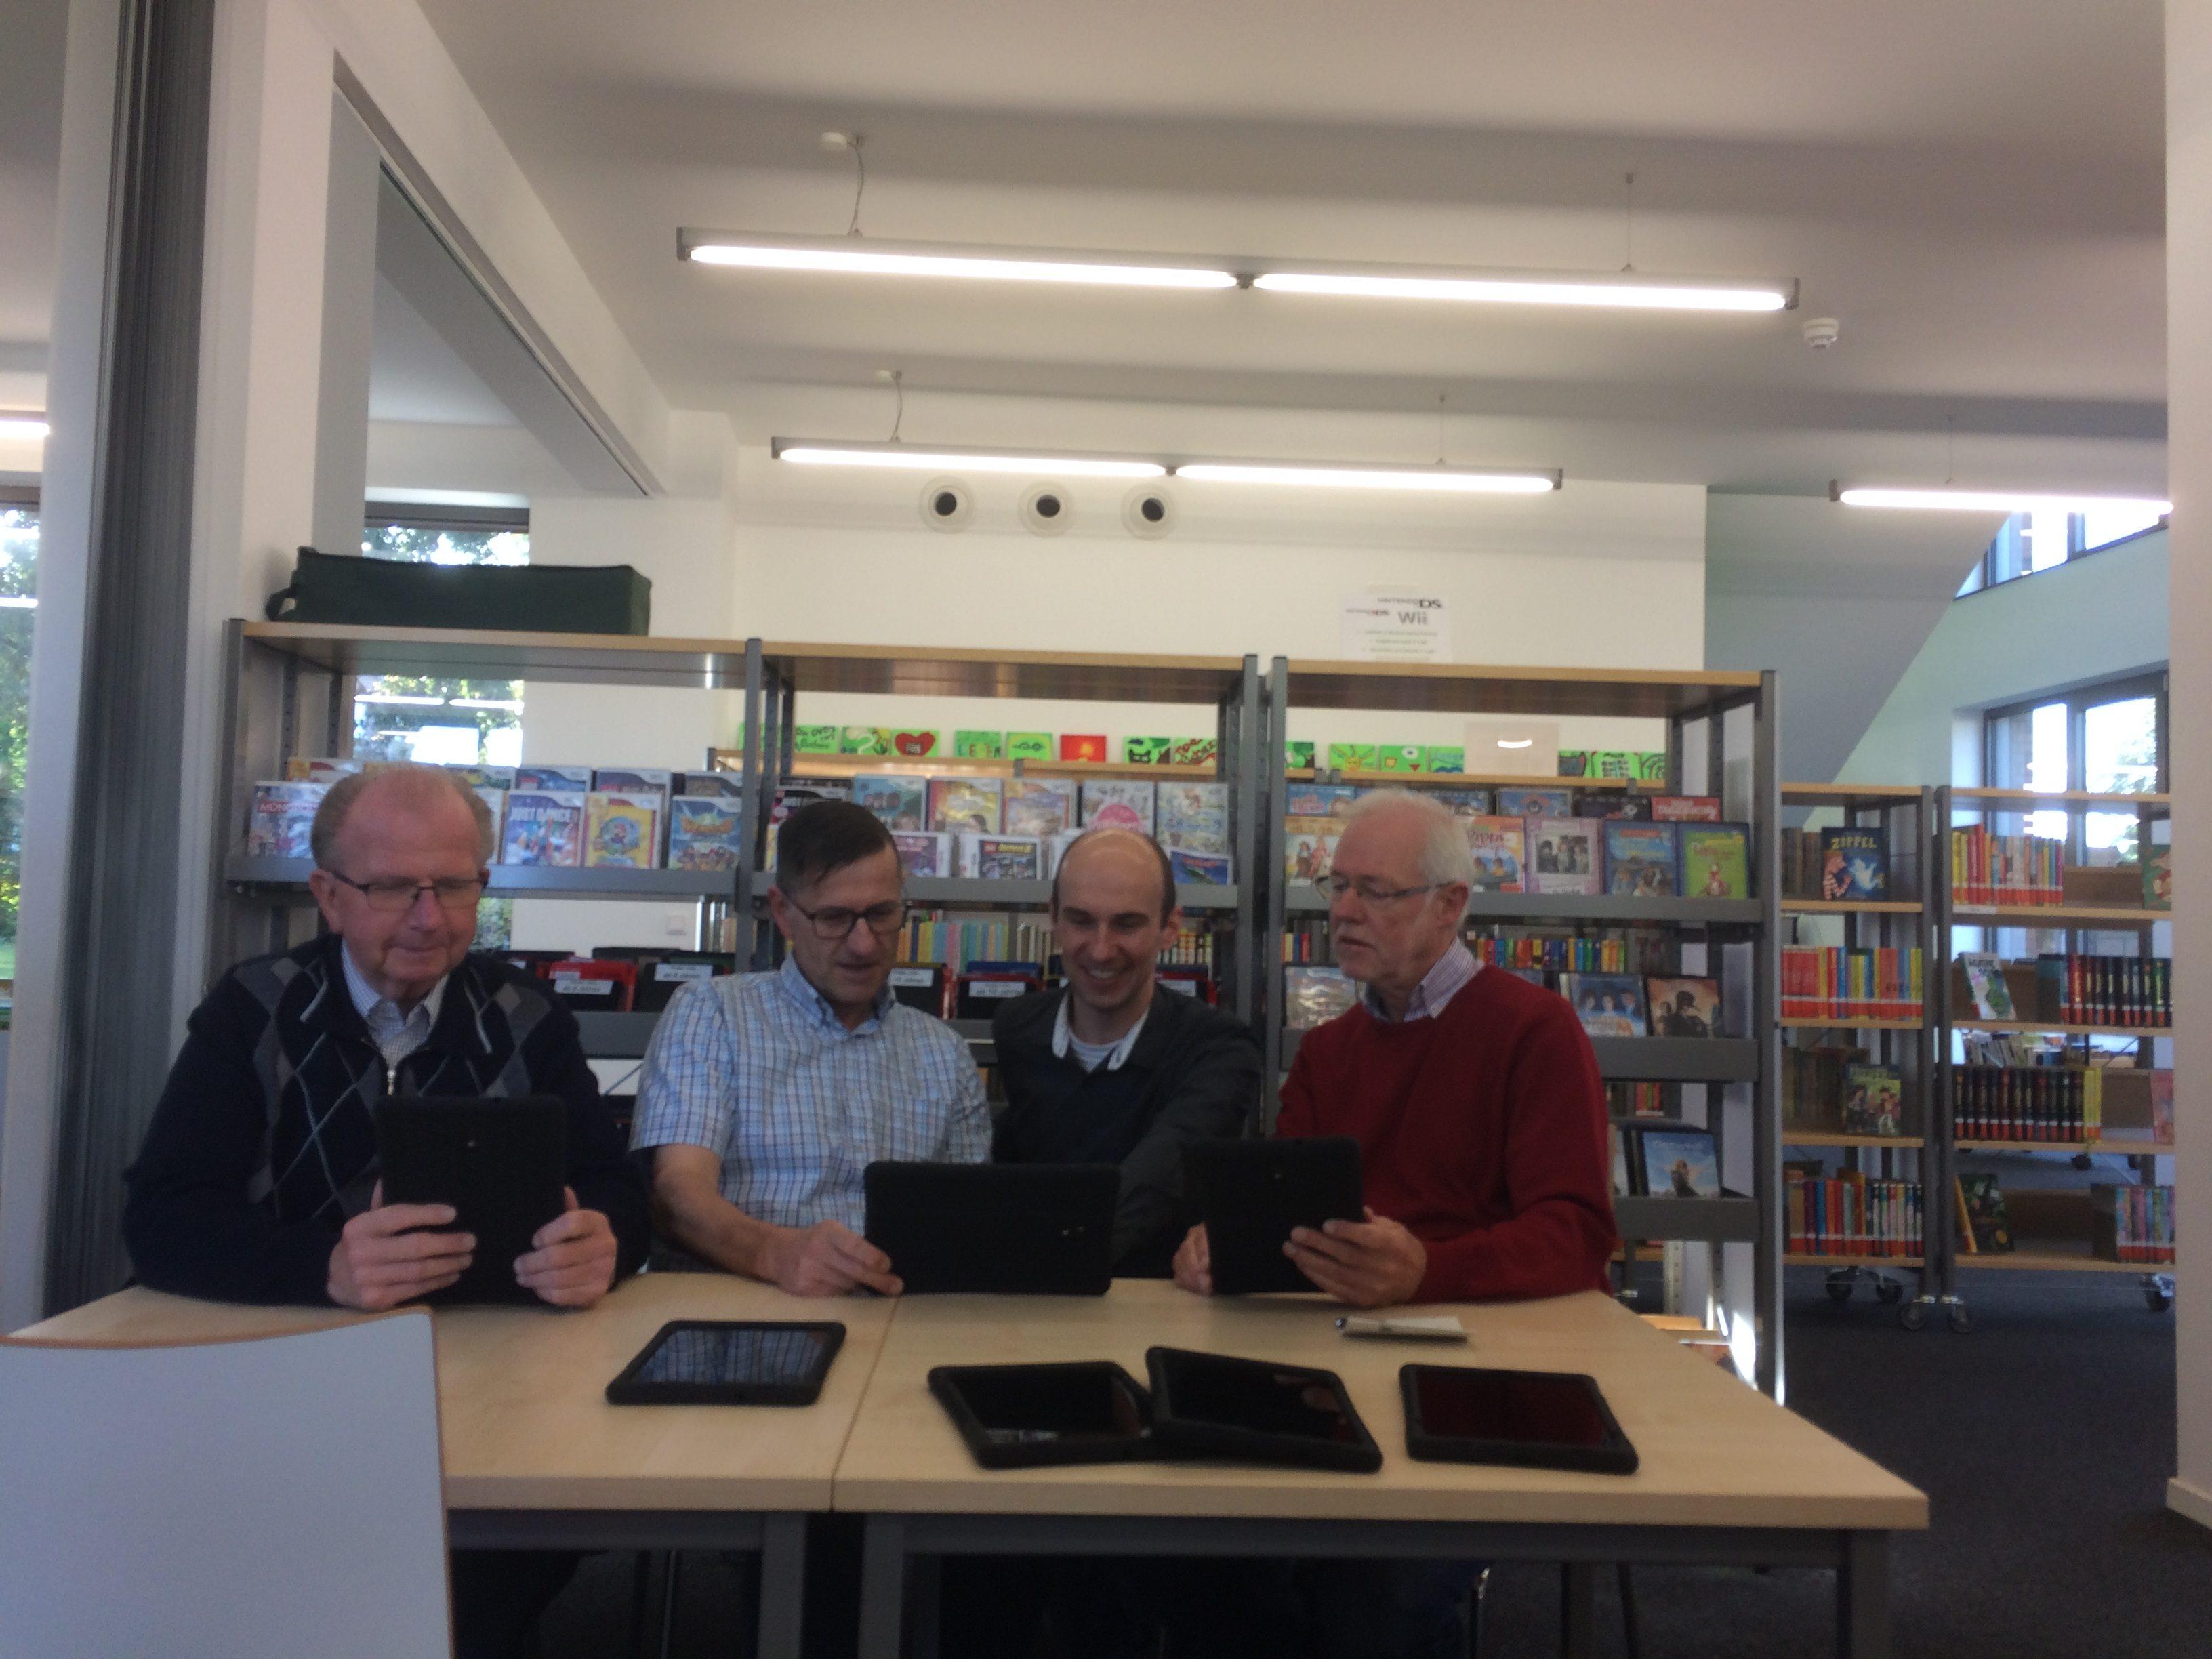 Bürgerstiftung Stattet Bücherei St. Pankratius Mit 15 Tablets Aus – Digitale Angebote Steigern Attraktivität